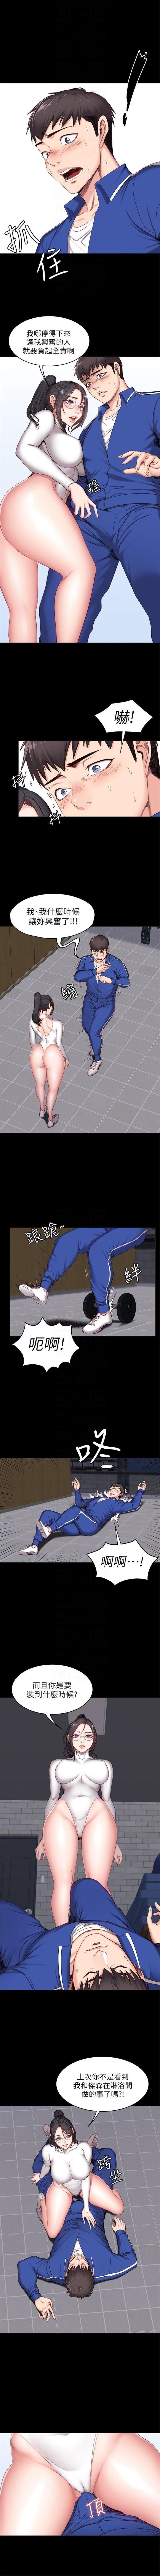 健身教練 1-56 官方中文(連載中) 58